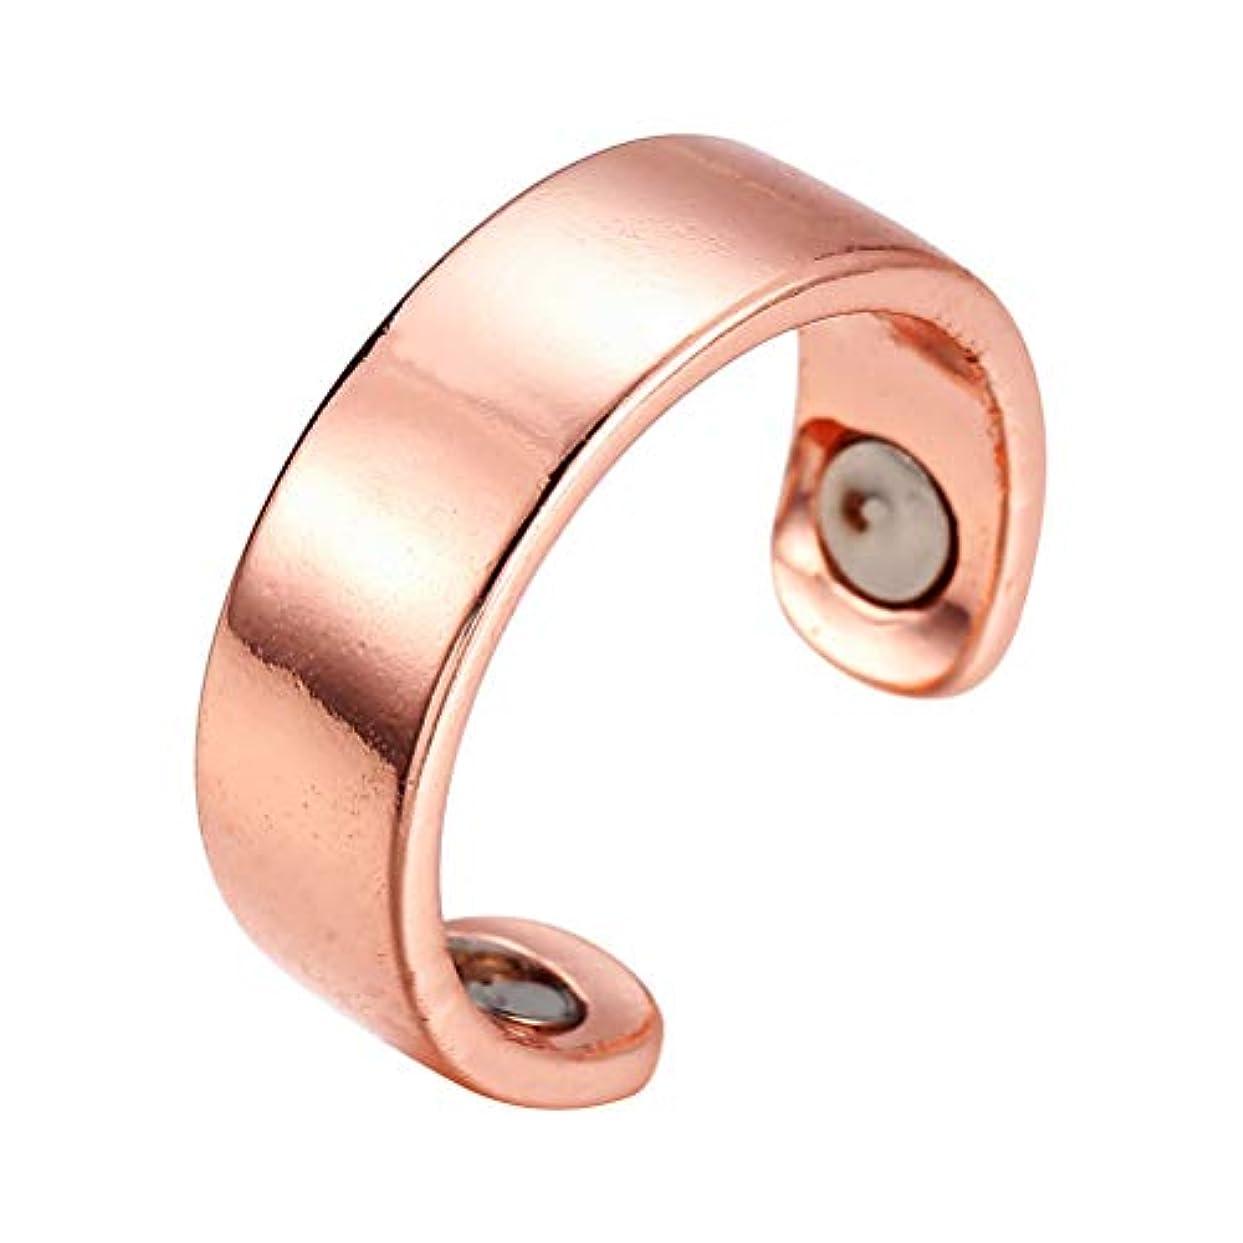 どこでも安心感心するHEALIFTY 指圧マッサージ指輪防止いびきリング息切れ指圧治療ヘルスケア磁気療法健康的な睡眠リング開環(釉、ローズゴールデン)